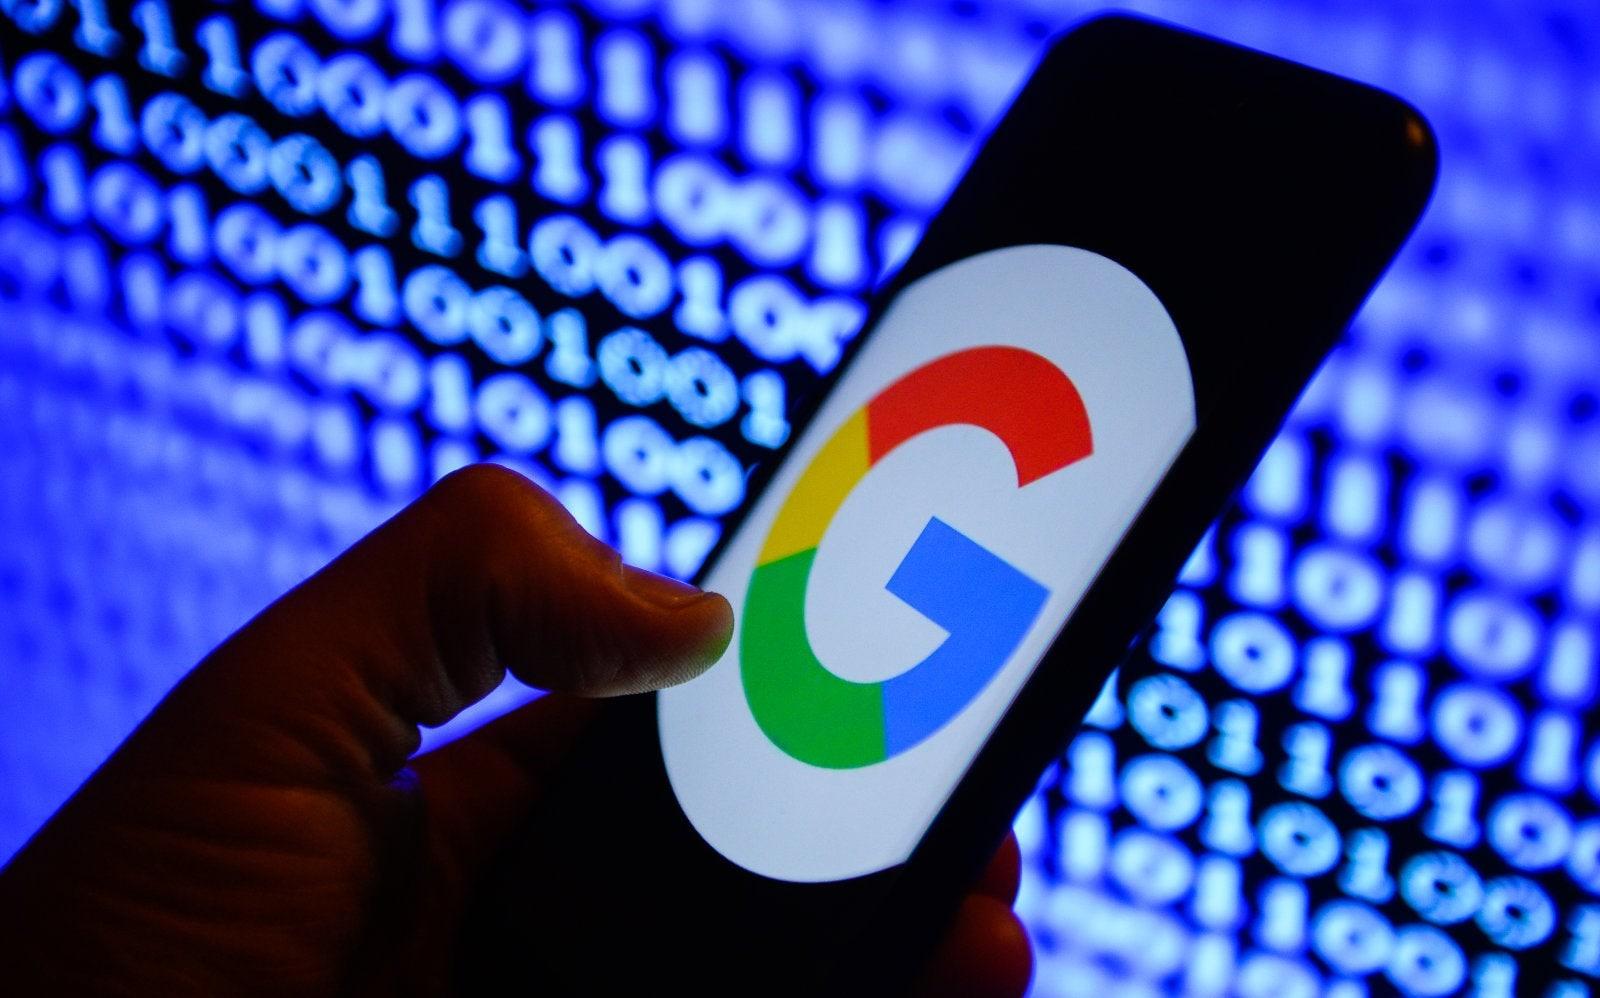 Da qualche tempo Google sta inviando strani SMS dal telefono di diversi utenti, è capitato anche a voi? (foto)